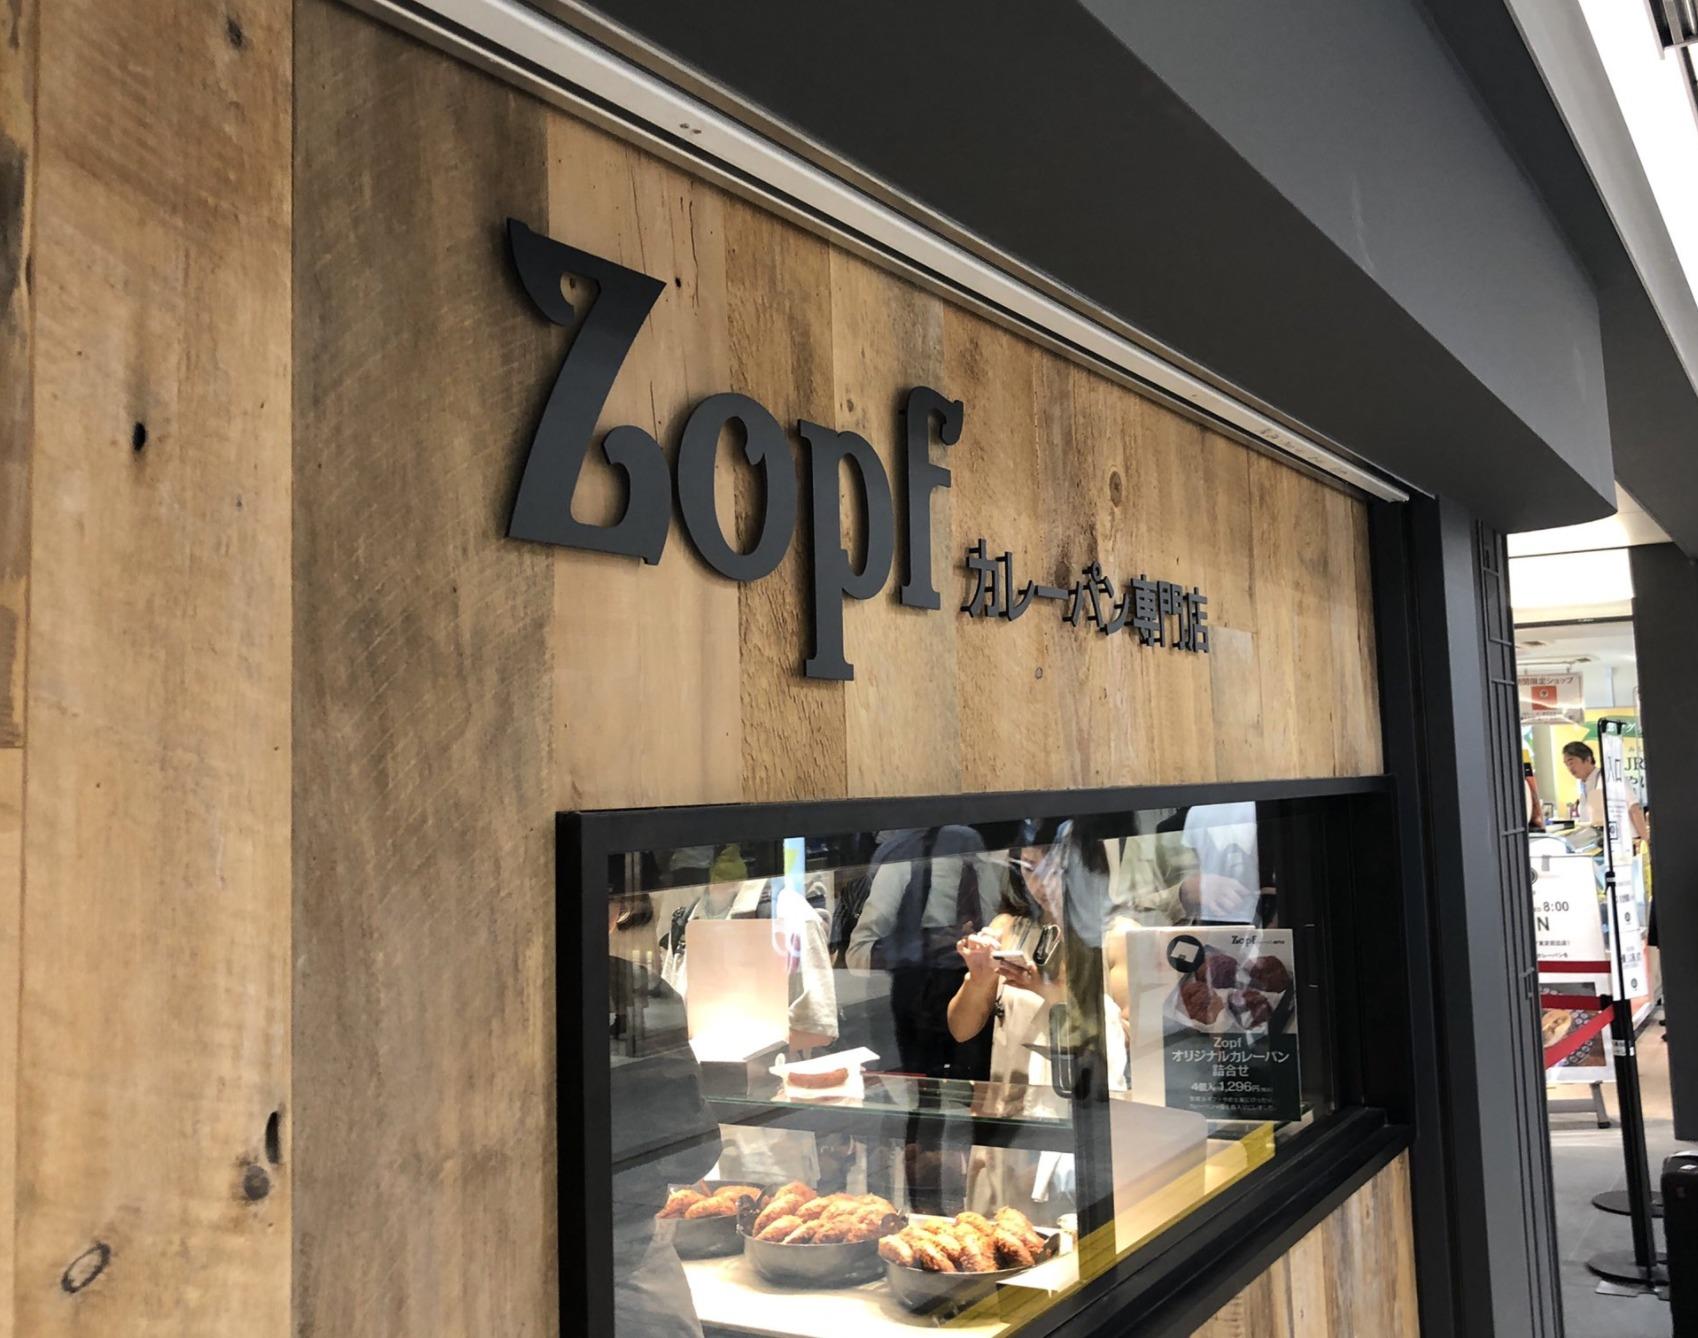 『Zopf』の画像